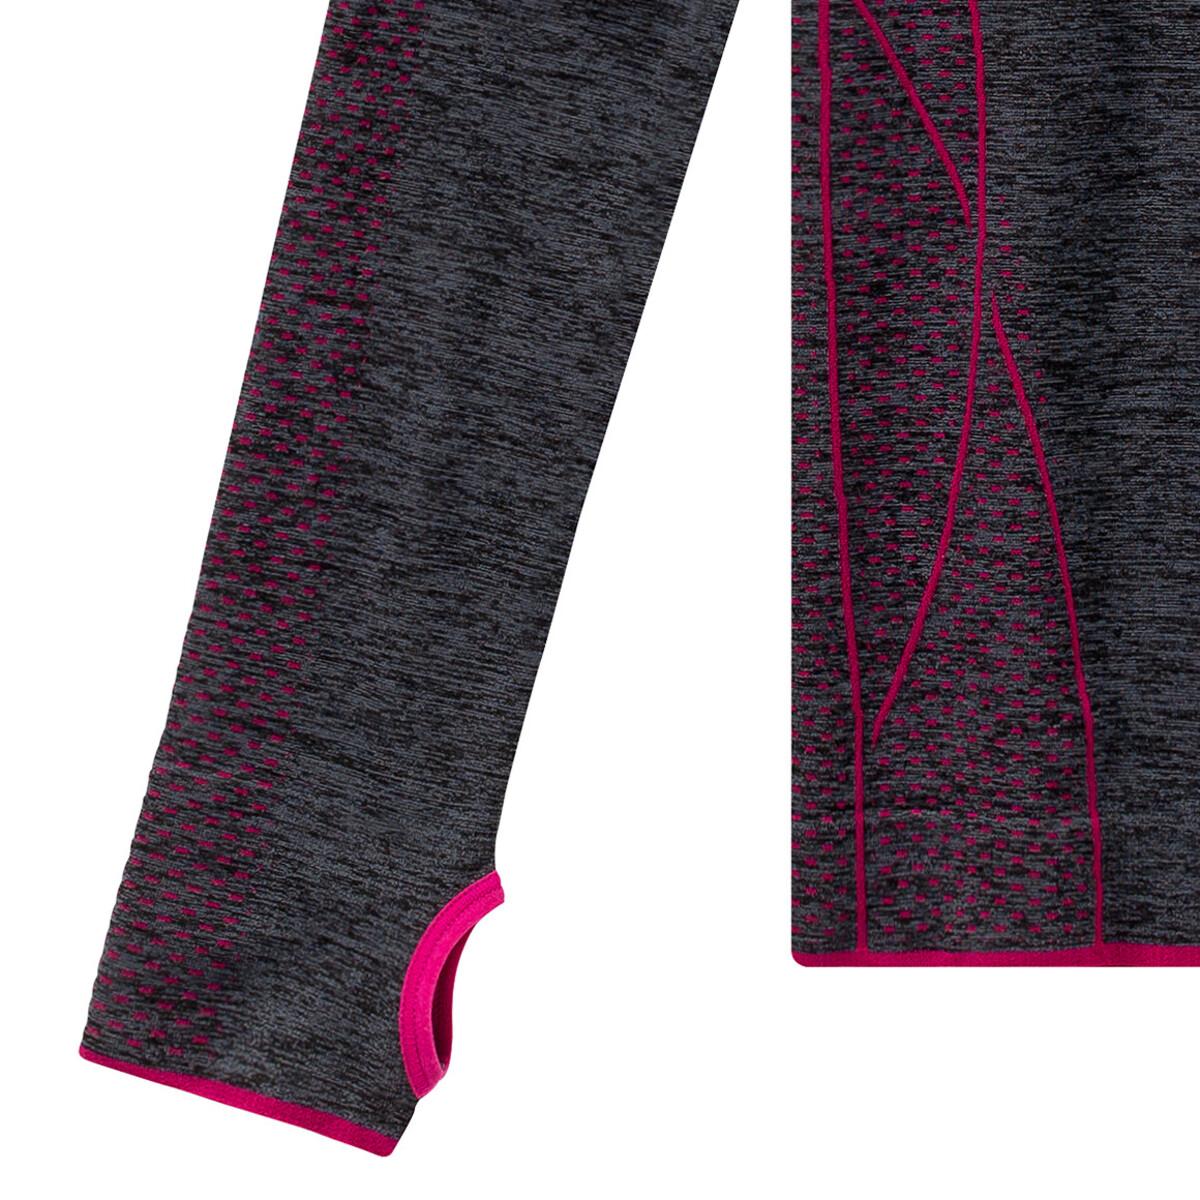 Bild 4 von Mädchen Sport-Unterhemd in Seamless-Qualität